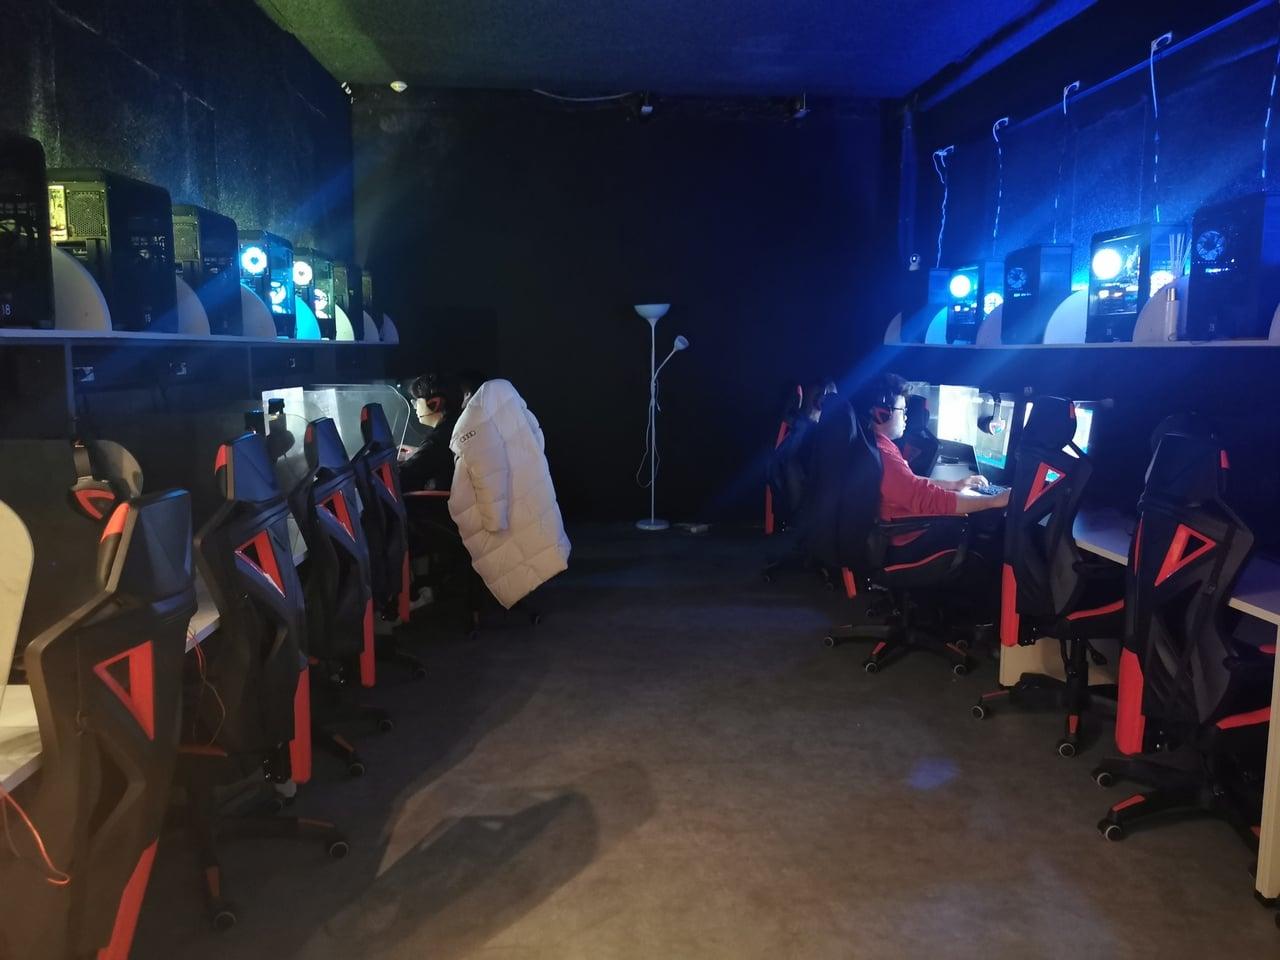 Zero 100 Gaming Club a Game Room, nové PC herny v Praze